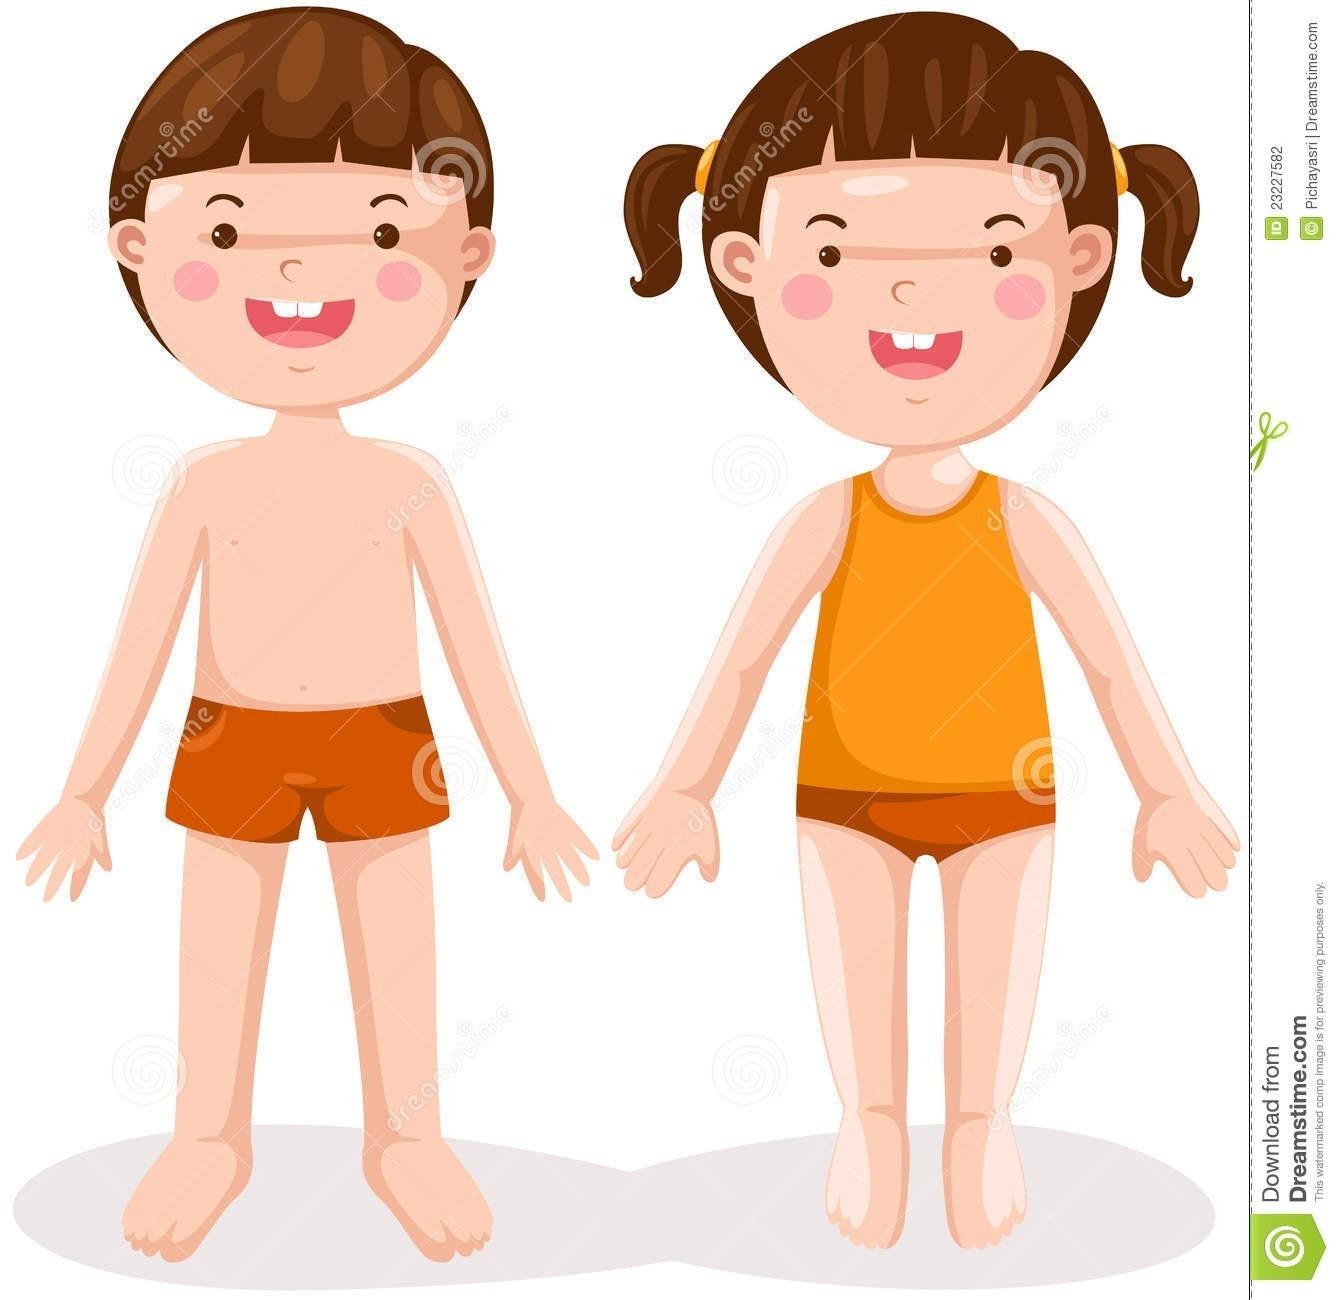 Child body clipart 5 » Clipart Portal.